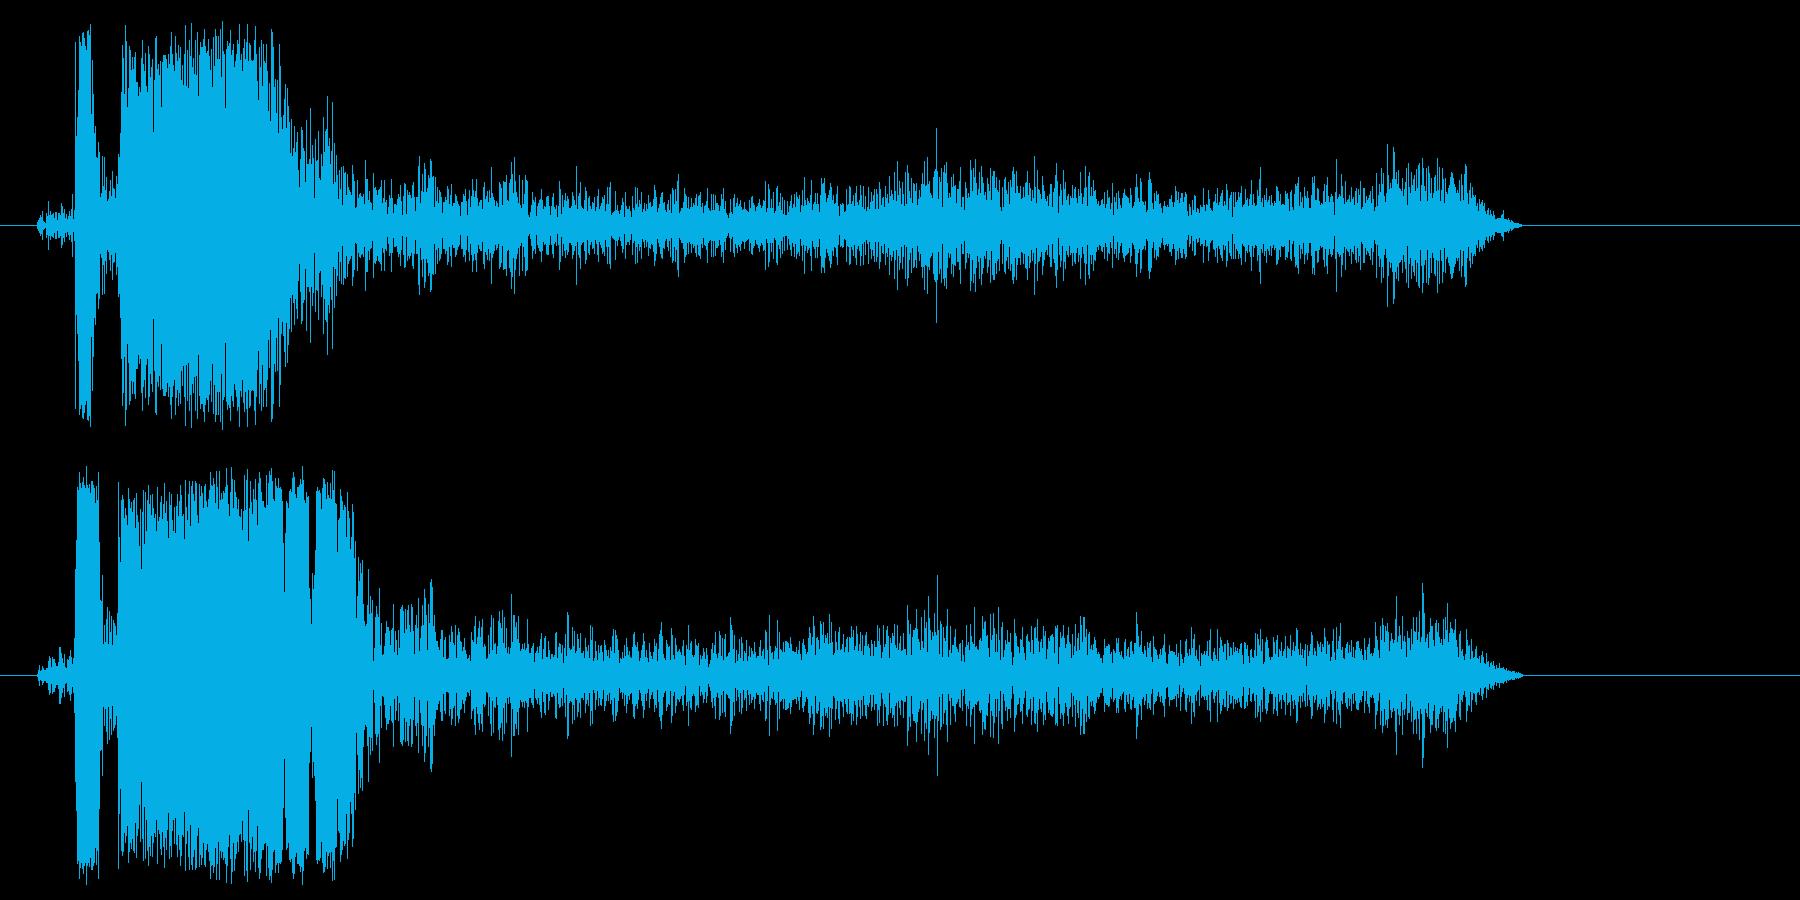 スピード感がありキレのある効果音の再生済みの波形